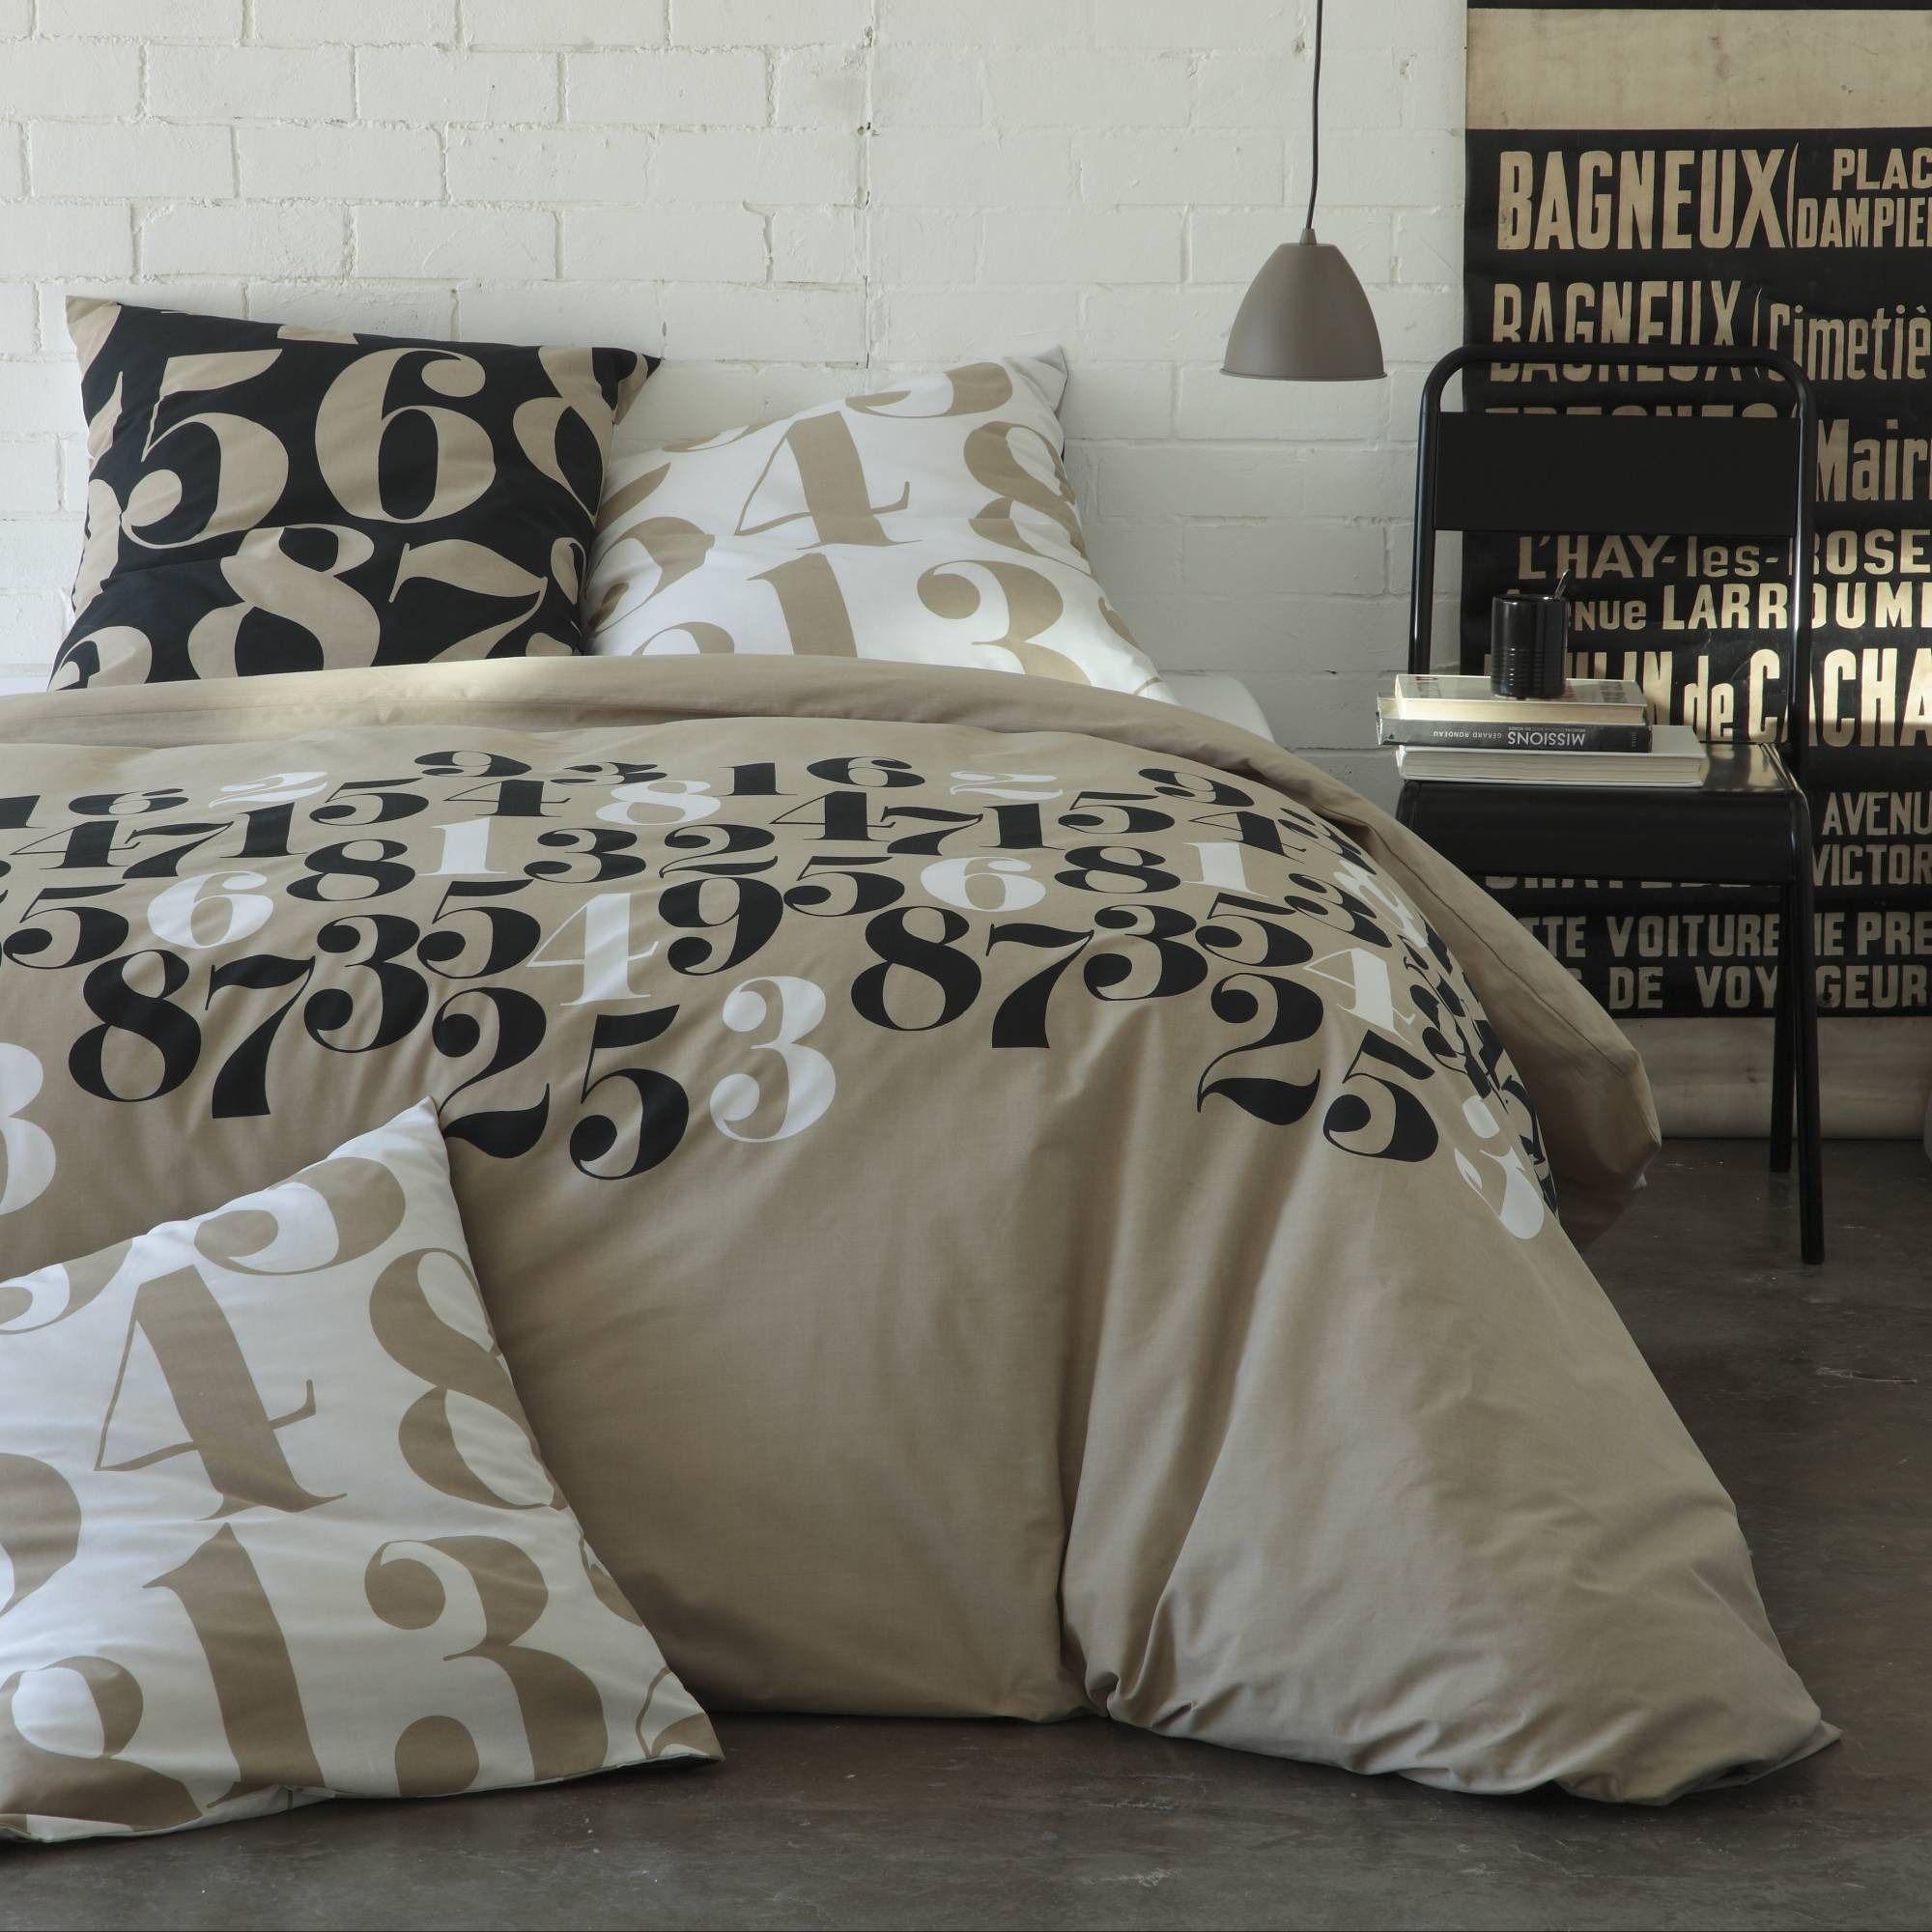 housse de couette 3 suisses deco pinterest housses de couette couettes et housses. Black Bedroom Furniture Sets. Home Design Ideas